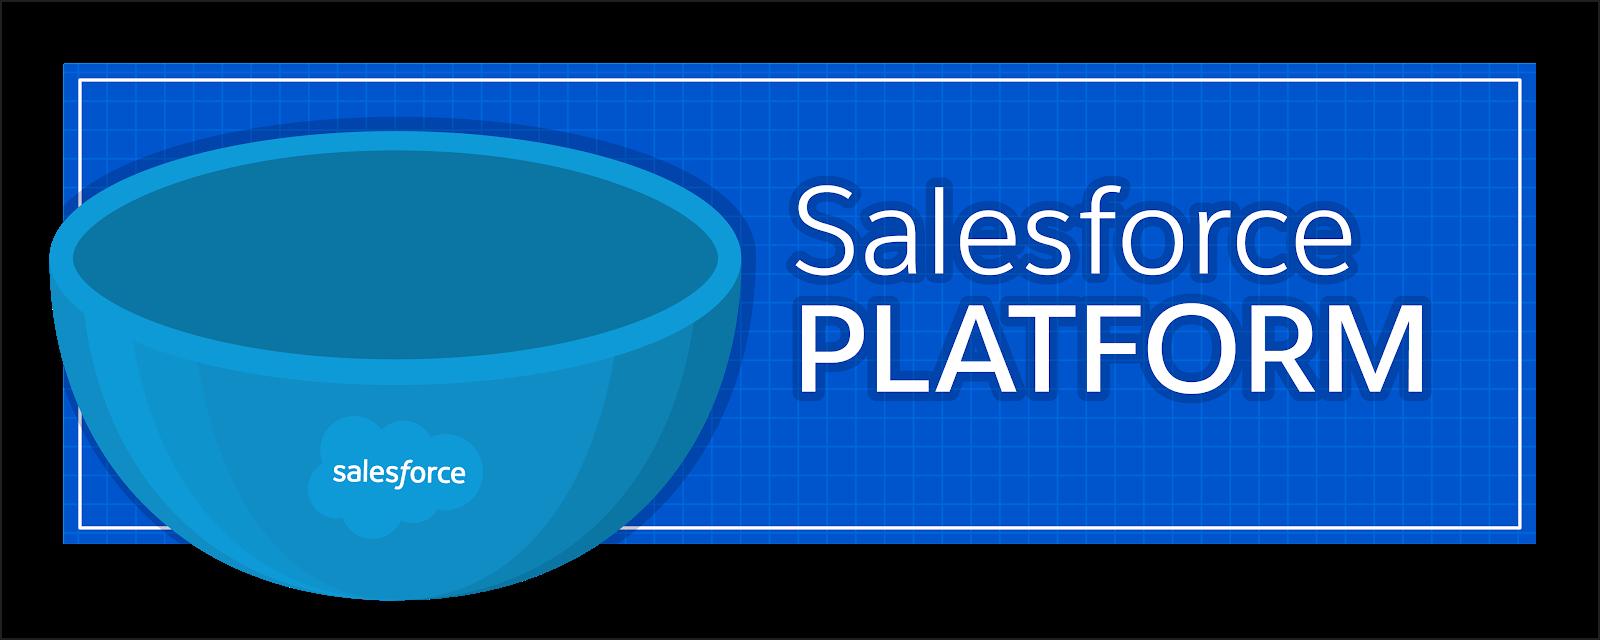 サンデーの器は Salesforce プラットフォームに相当し、すべての Salesforce 実装の基盤です。